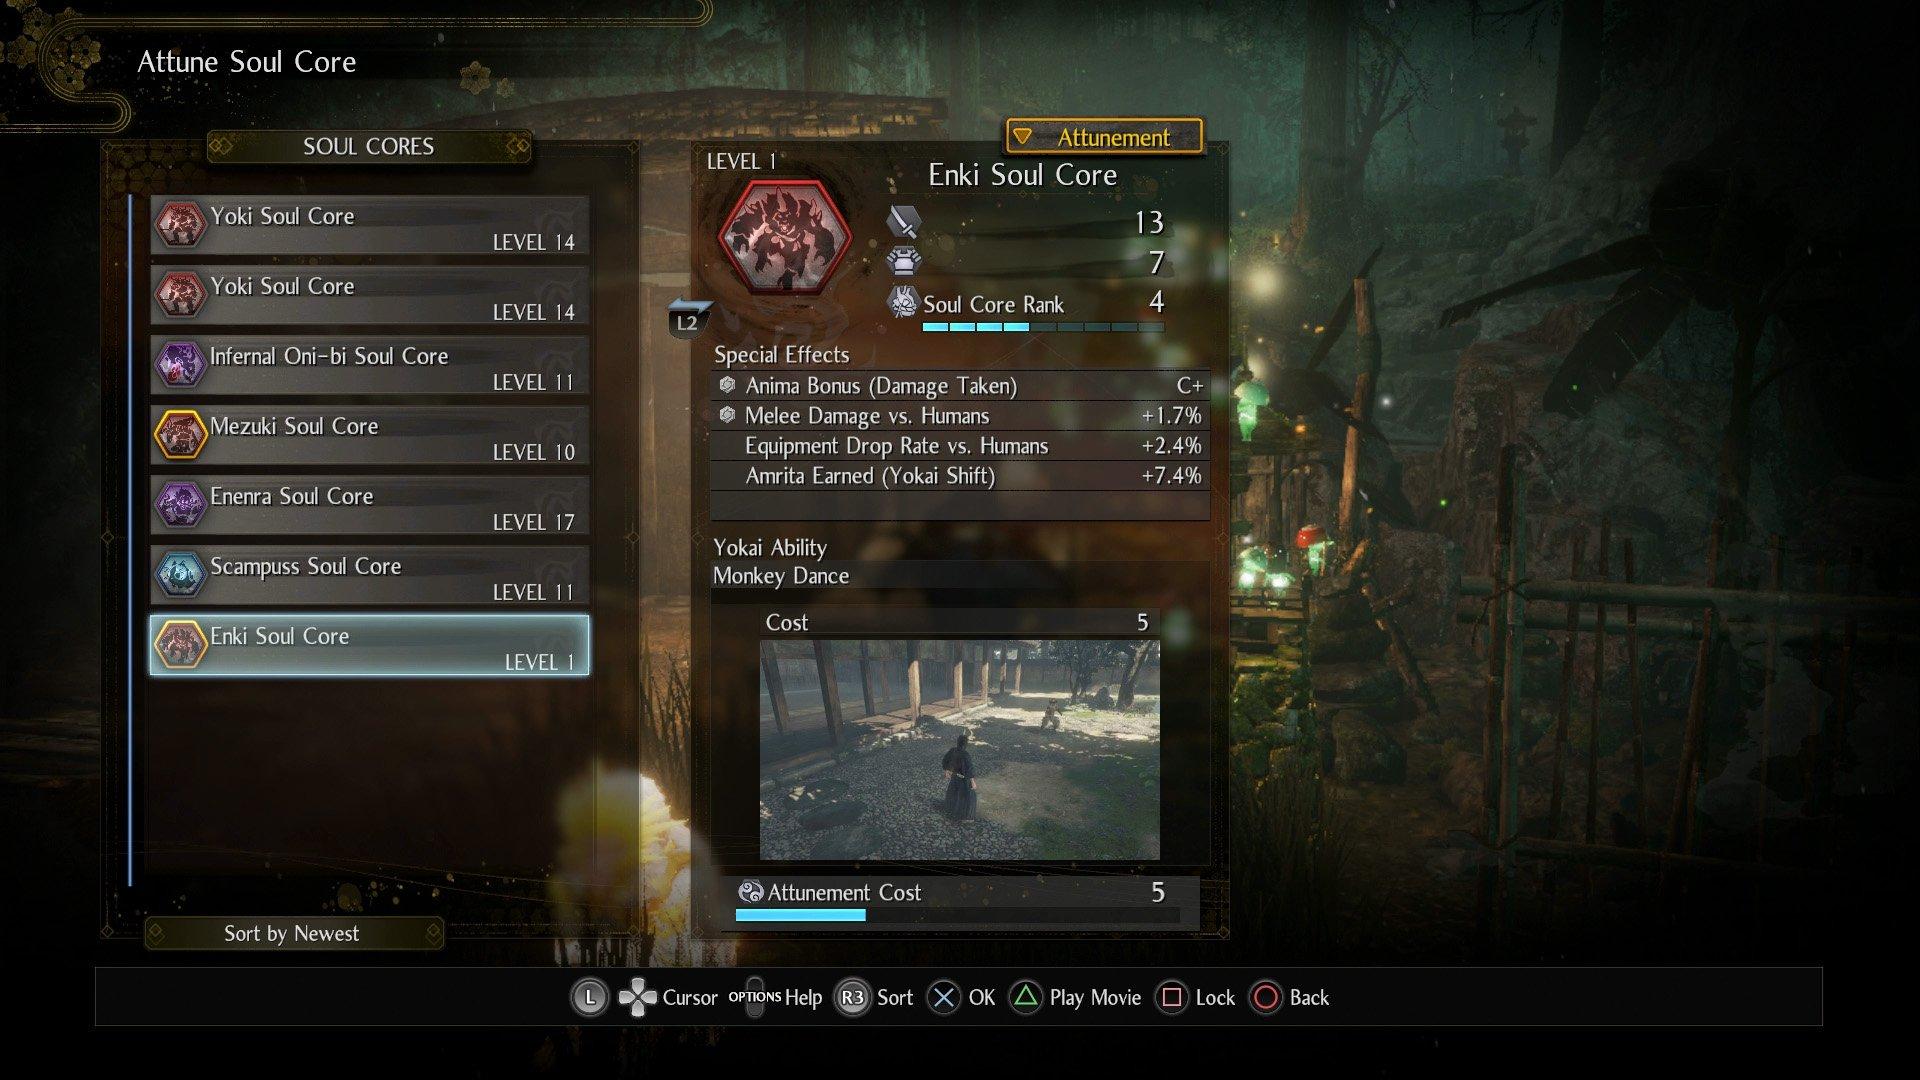 Nioh 2 Soul Core Enki